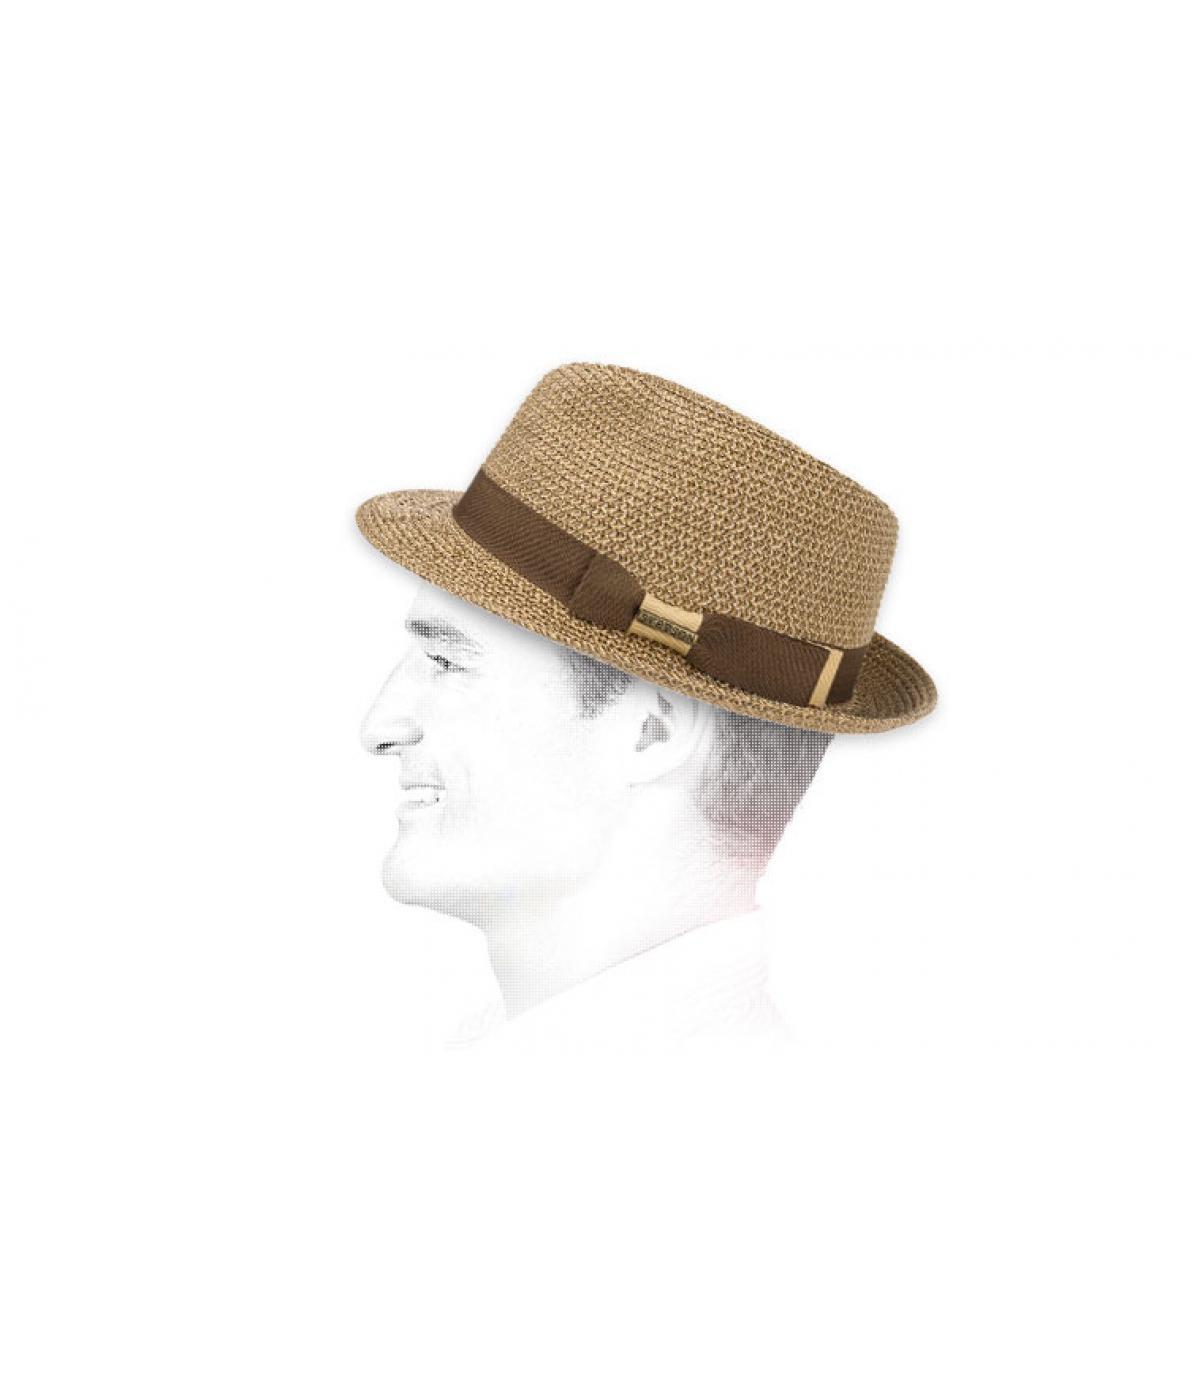 Stetson sombrero flexible trenzado bicolor